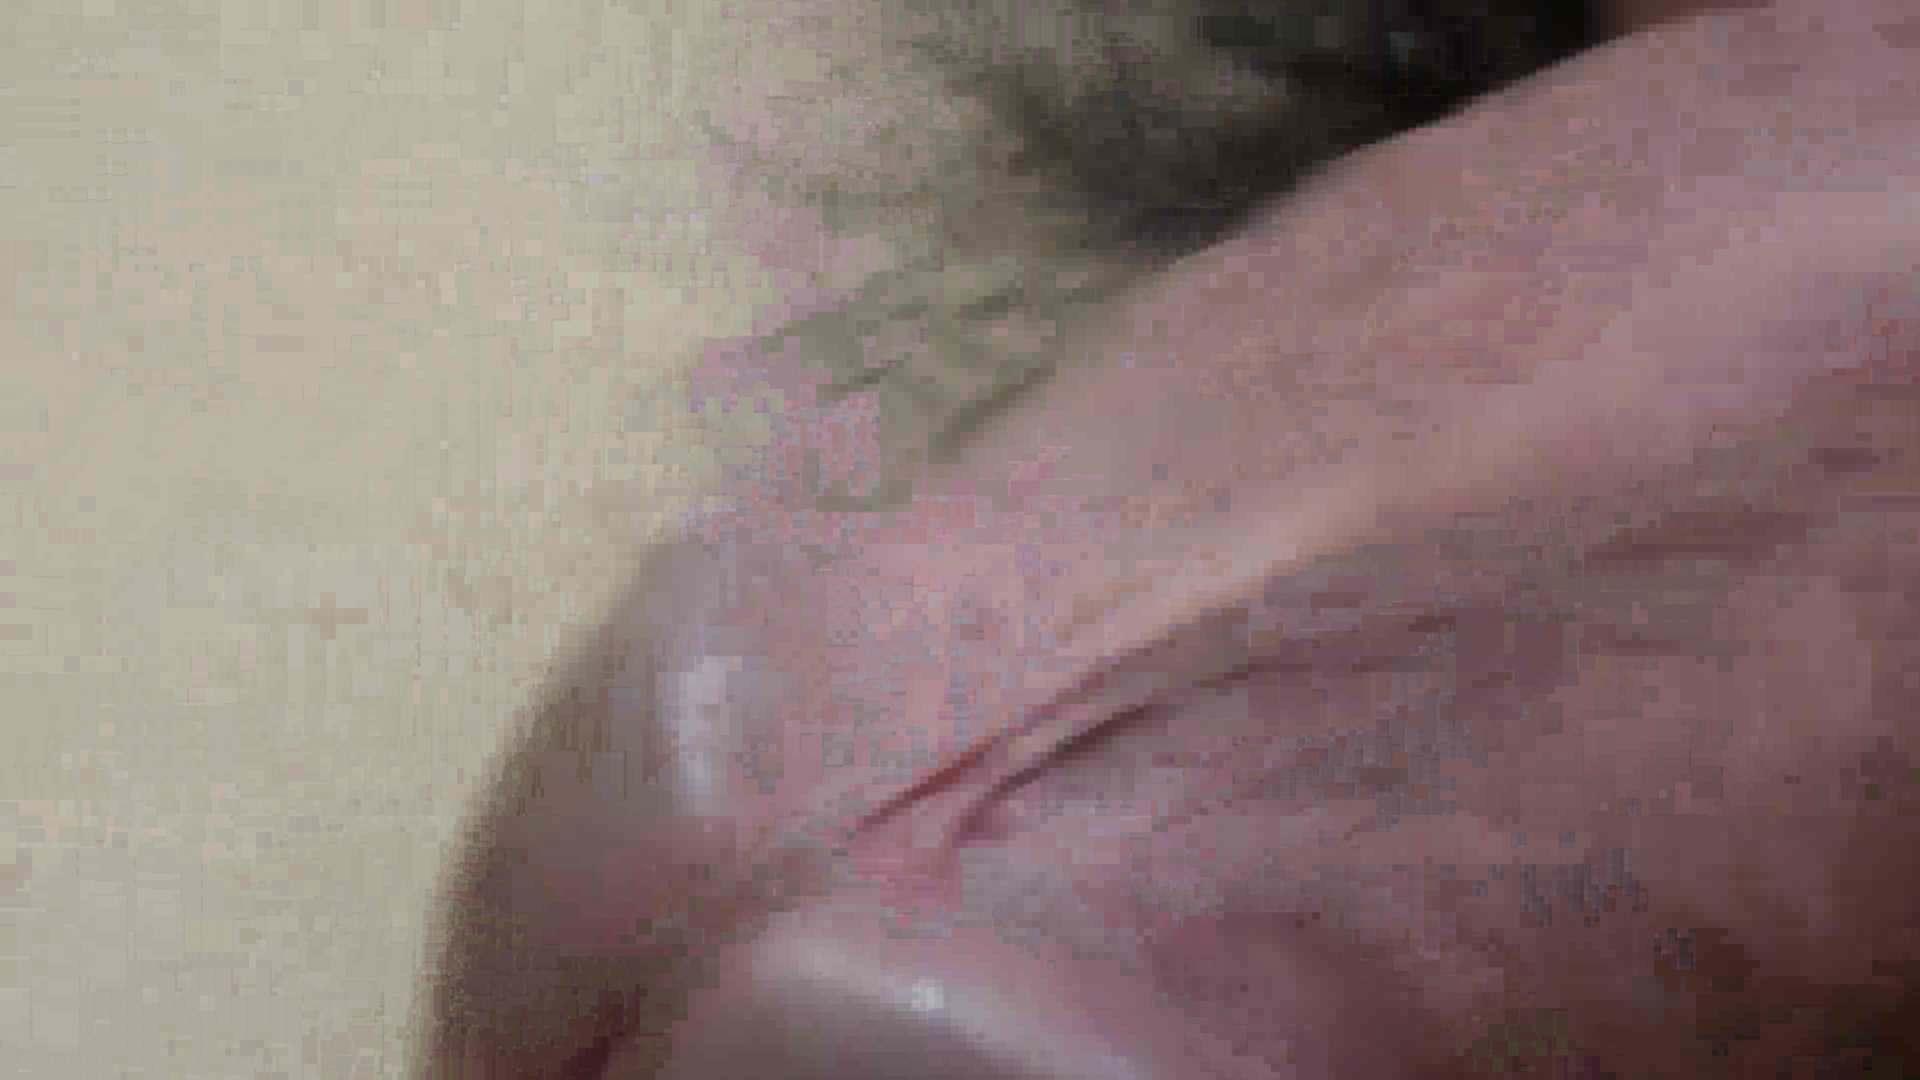 ハサミで切りながら犯す フェチ 男同士動画 78連発 70